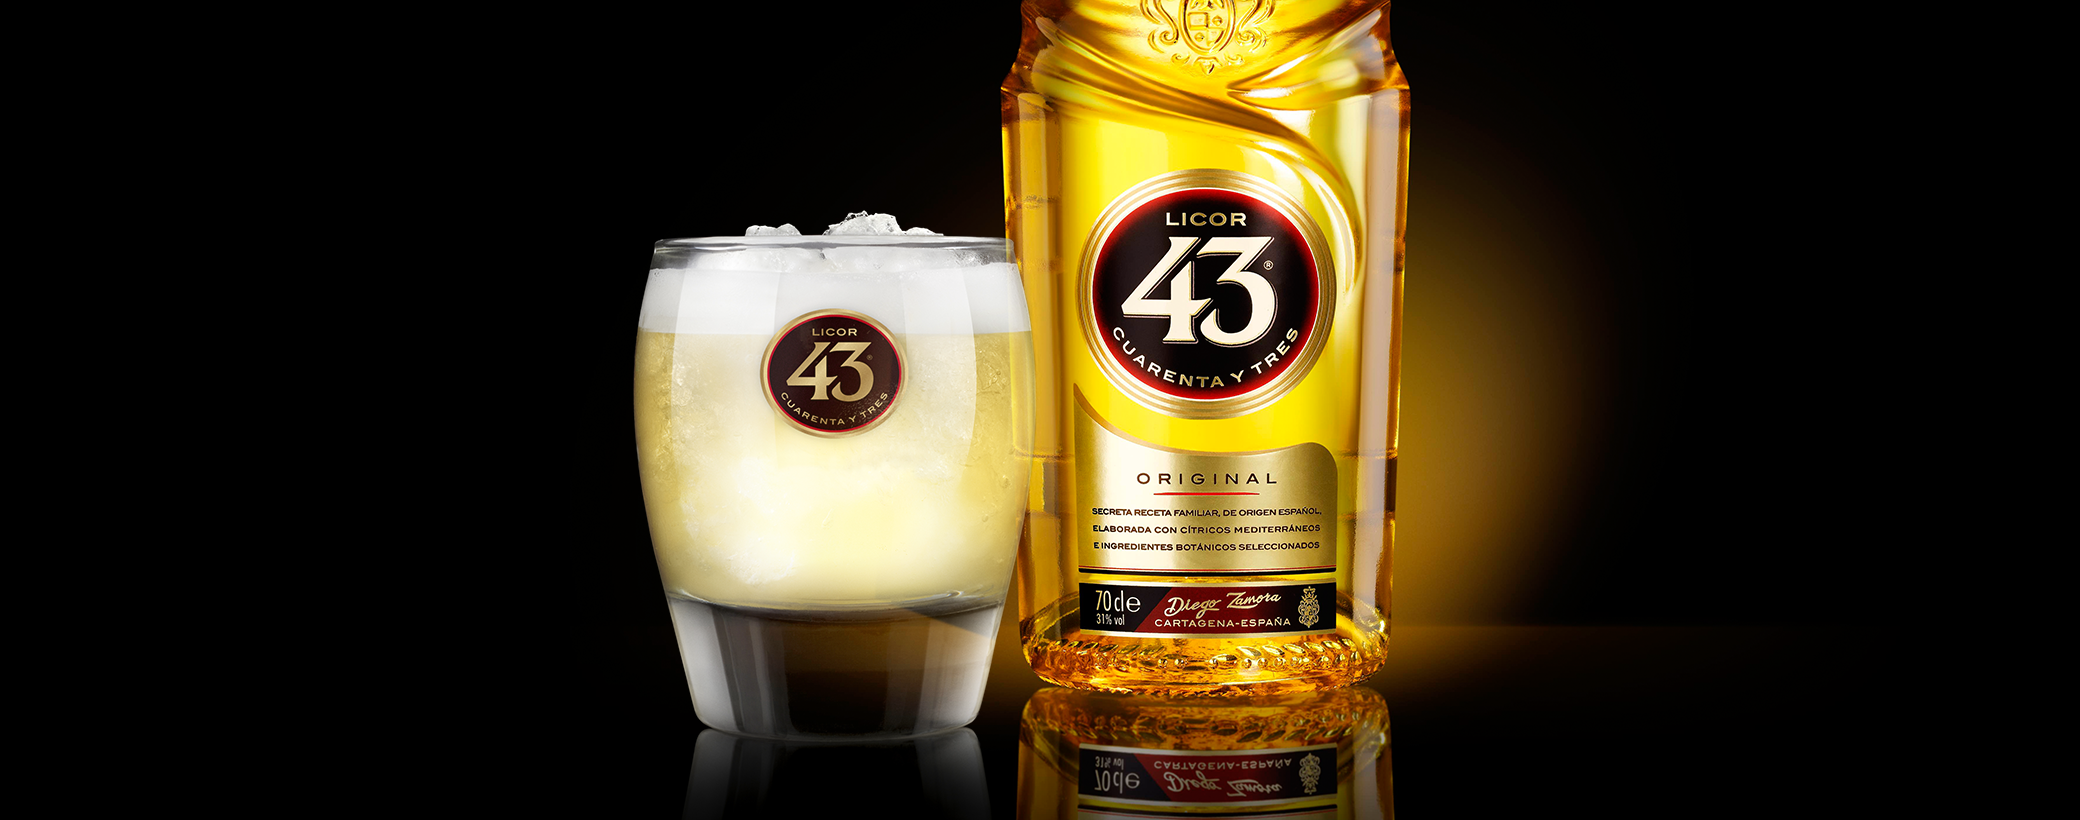 Einfacher Cocktail Mit Wodka